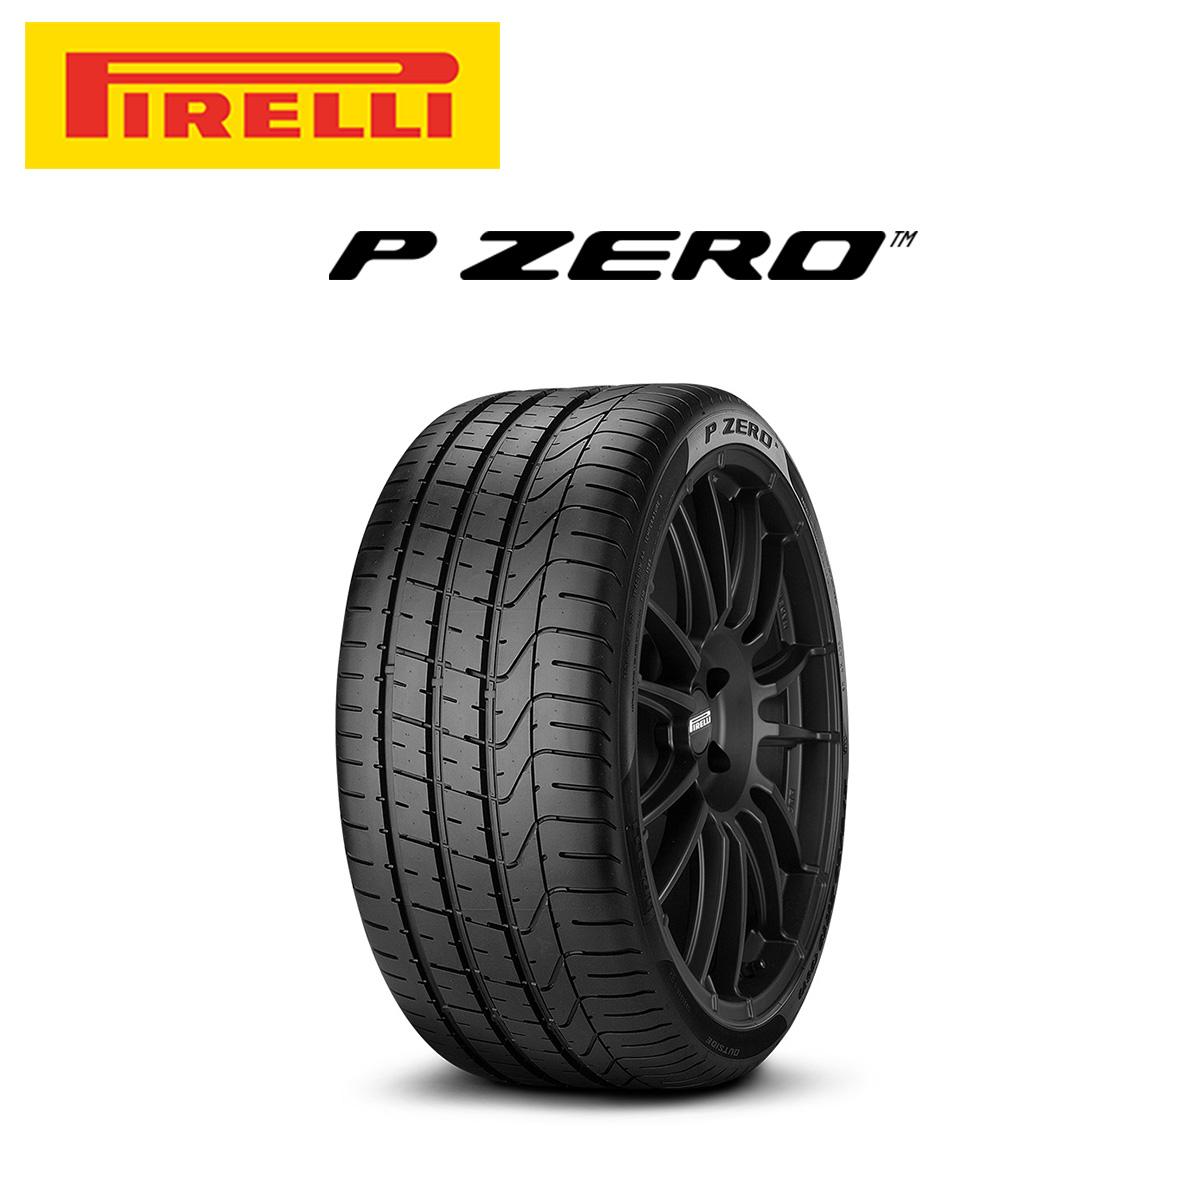 ピレリ PIRELLI P ZERO ピーゼロ 21インチ サマー タイヤ 1本 275/45R21 107Y MO:メルセデスベンツ承認タイヤ 2415600